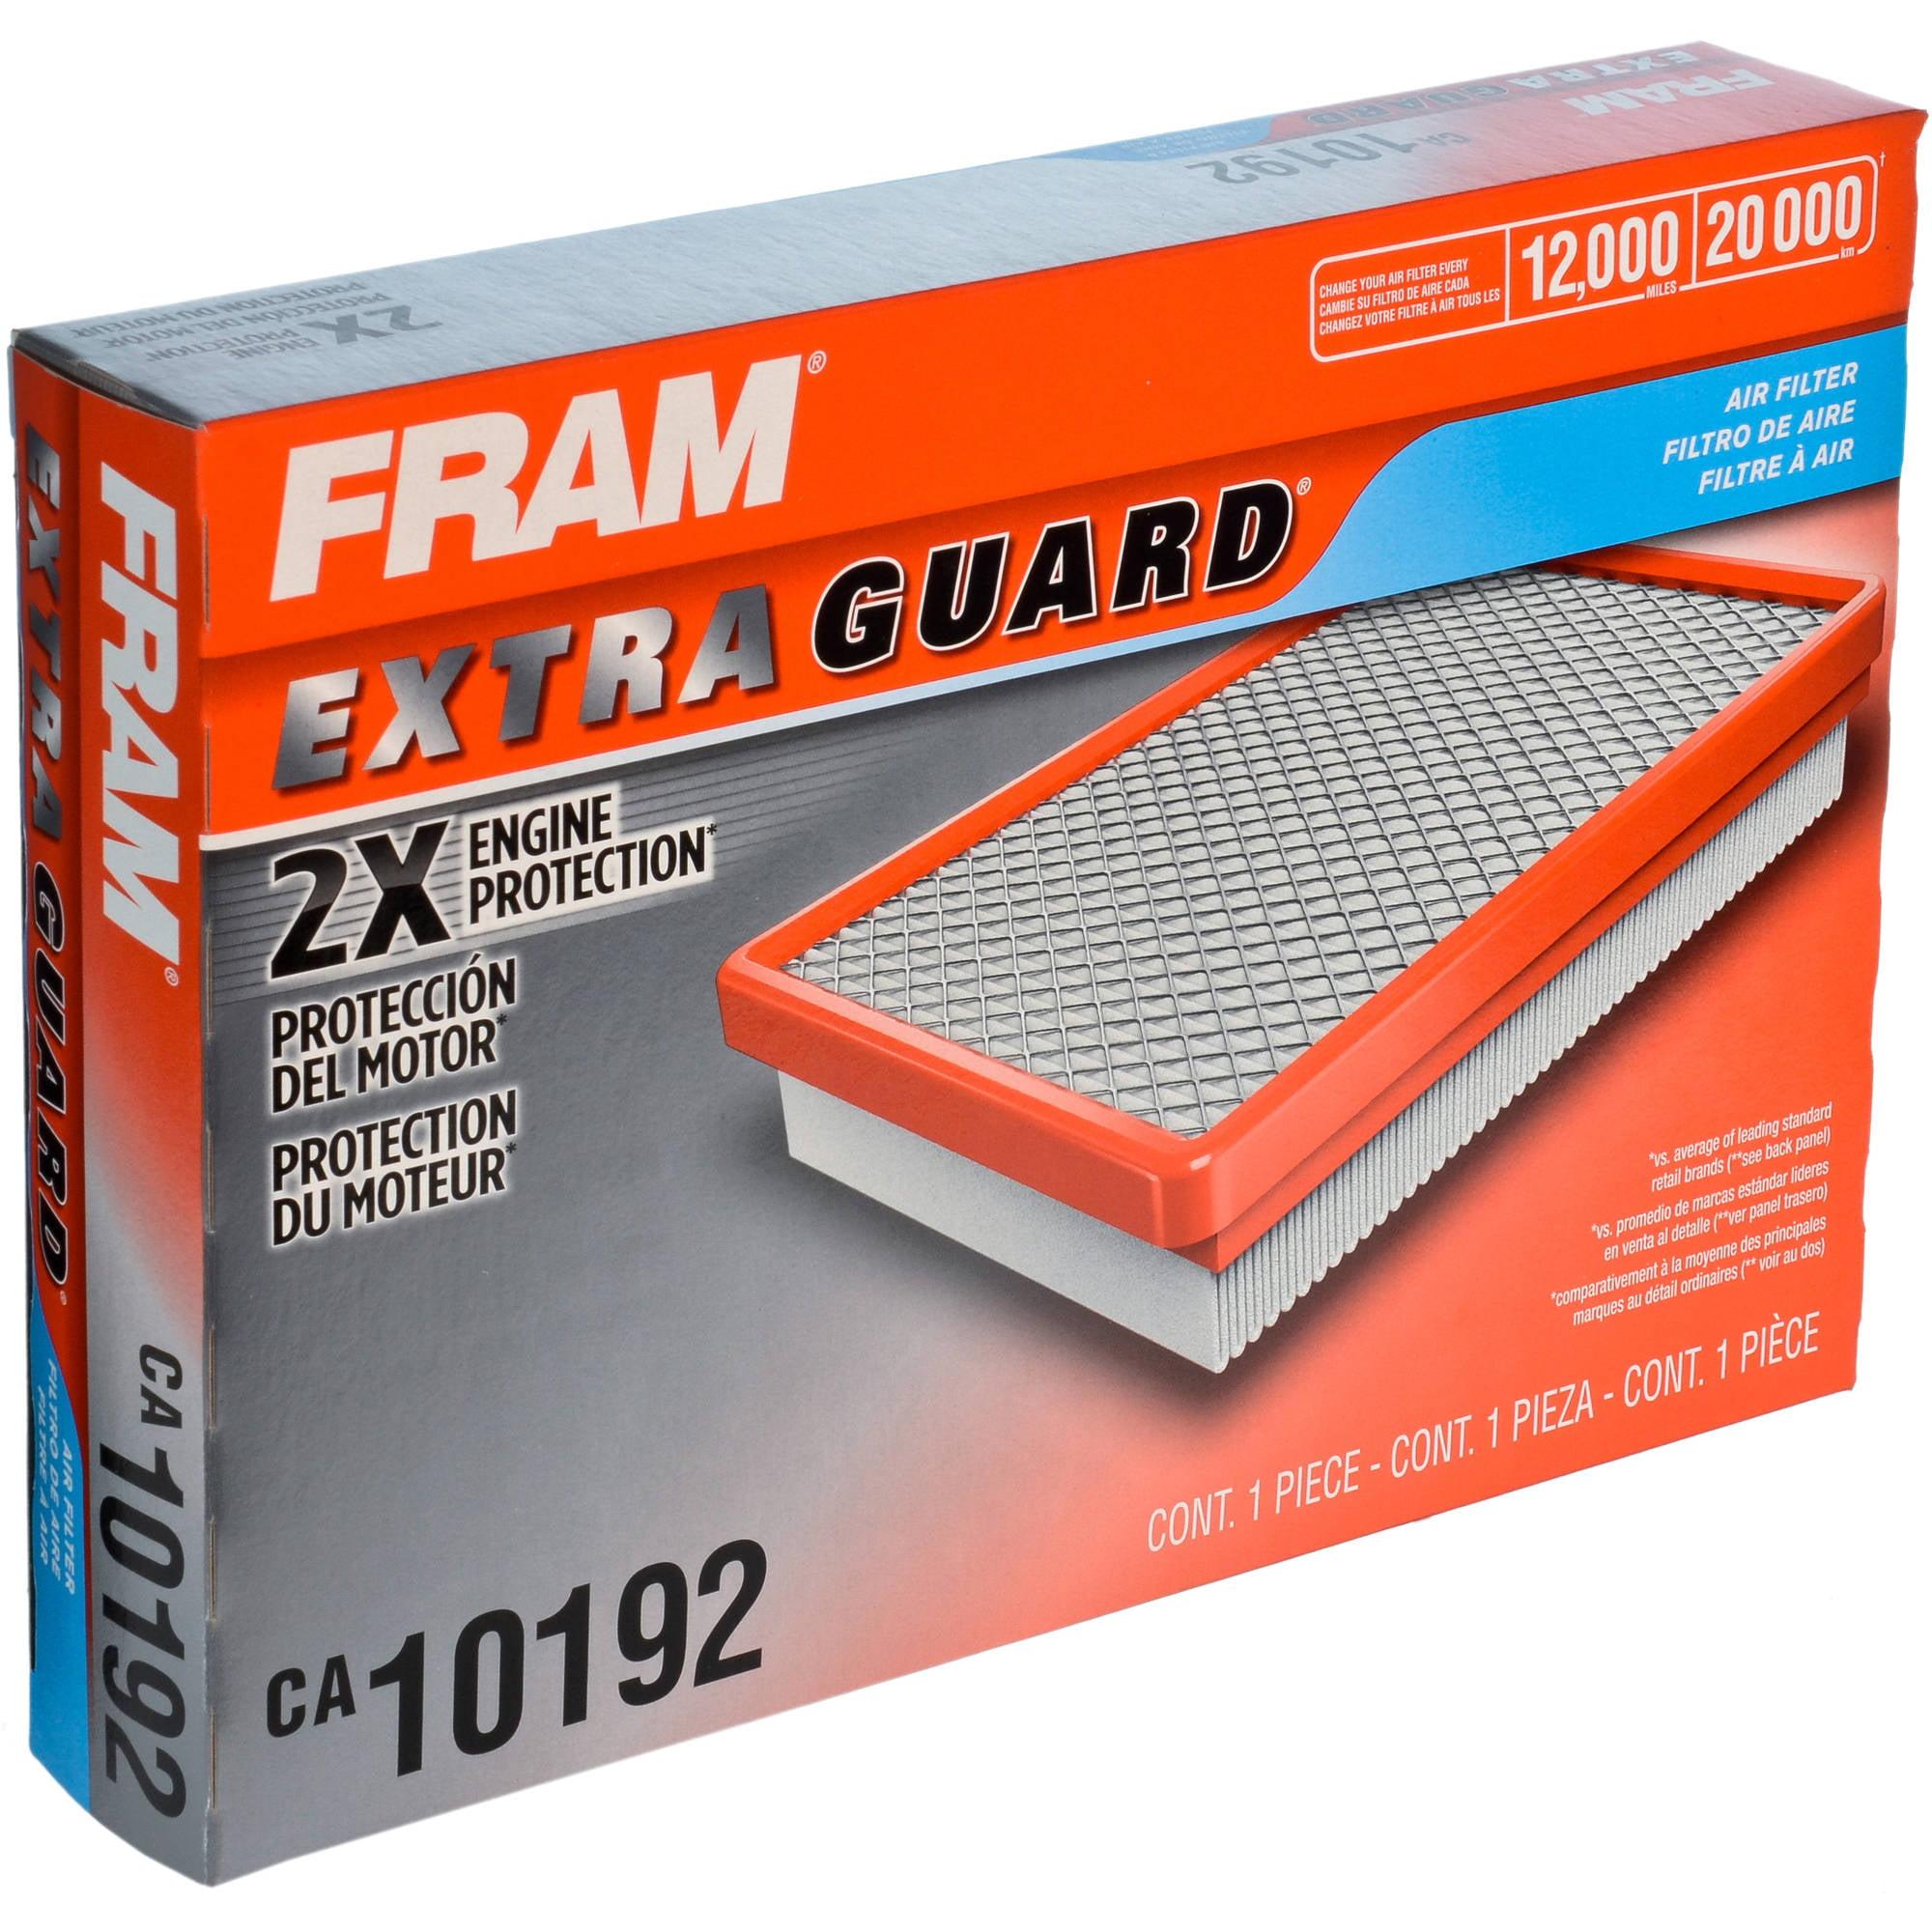 FRAM Extra Guard Air Filter, CA10192 by FRAM